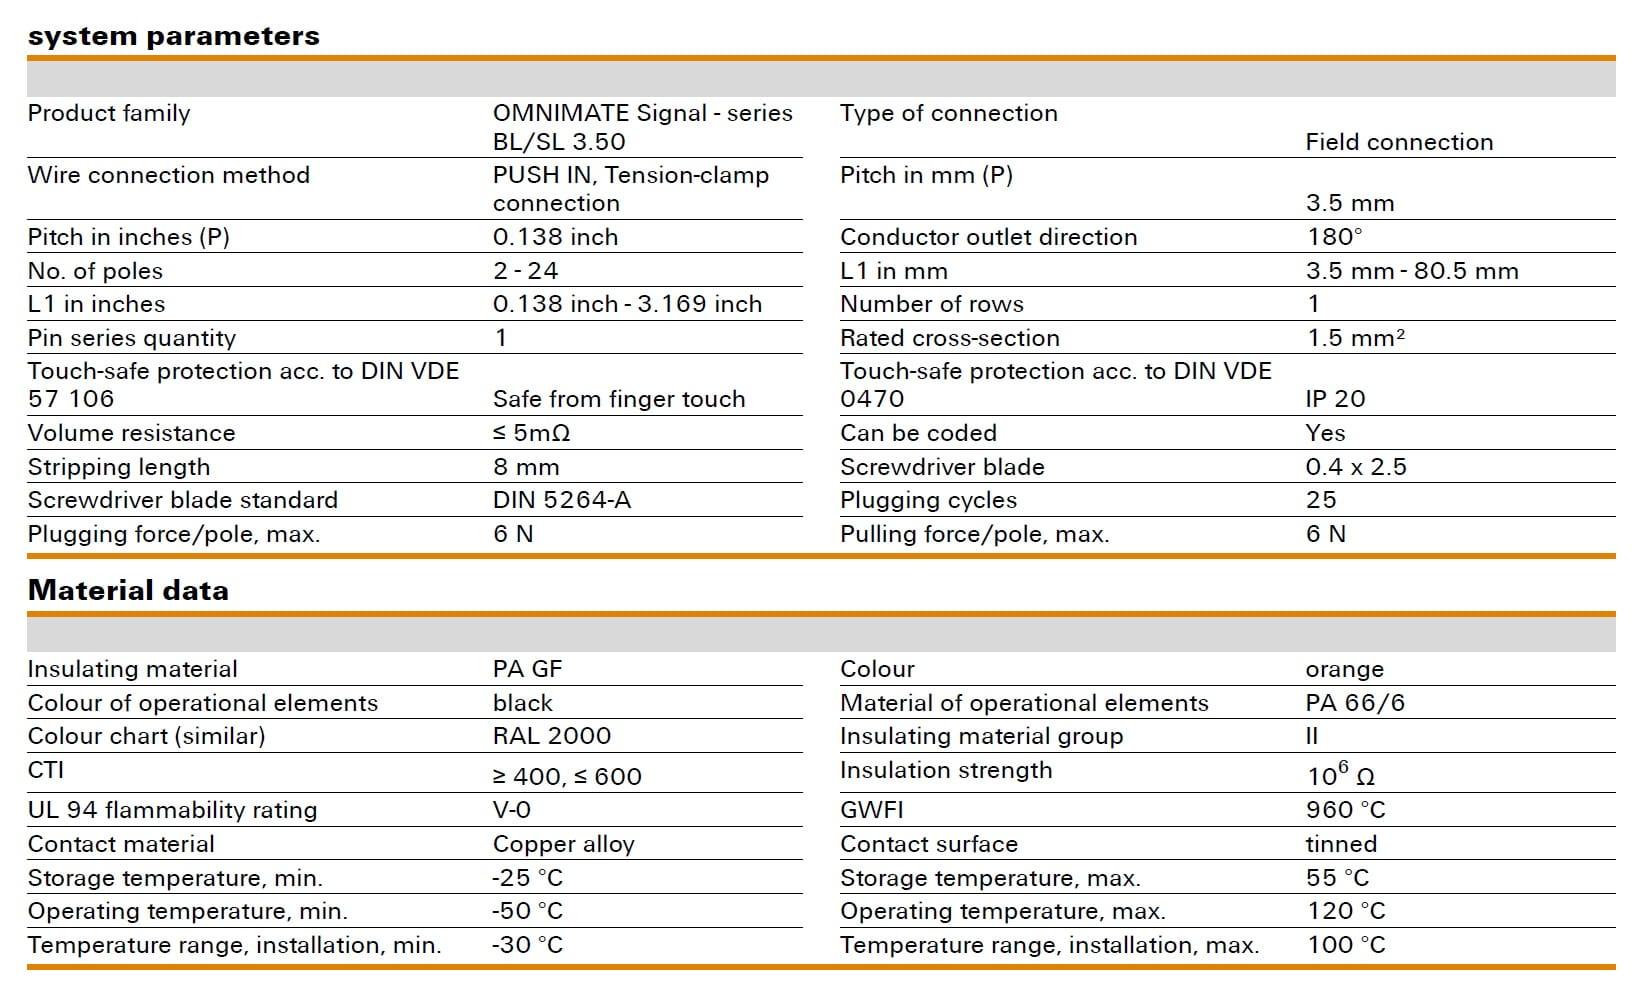 Weidmüller BLF 3.50/180 Specifications